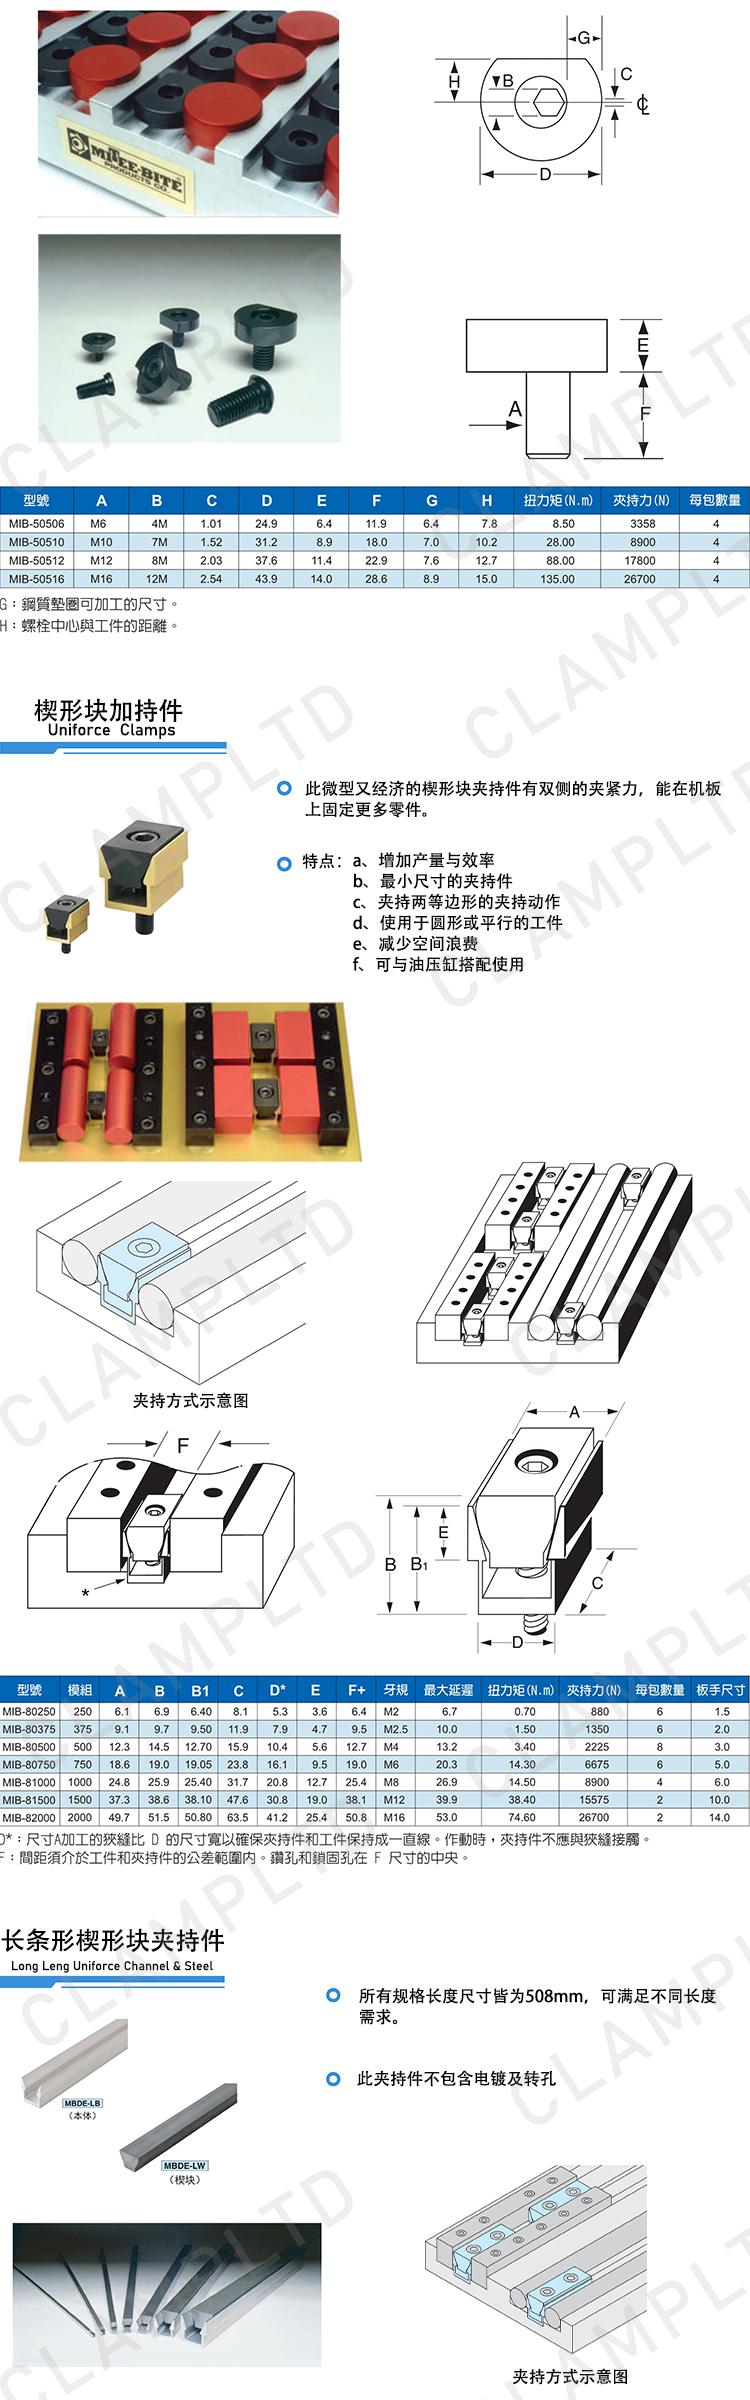 米堤百系列夹具 夹具附件 第3张